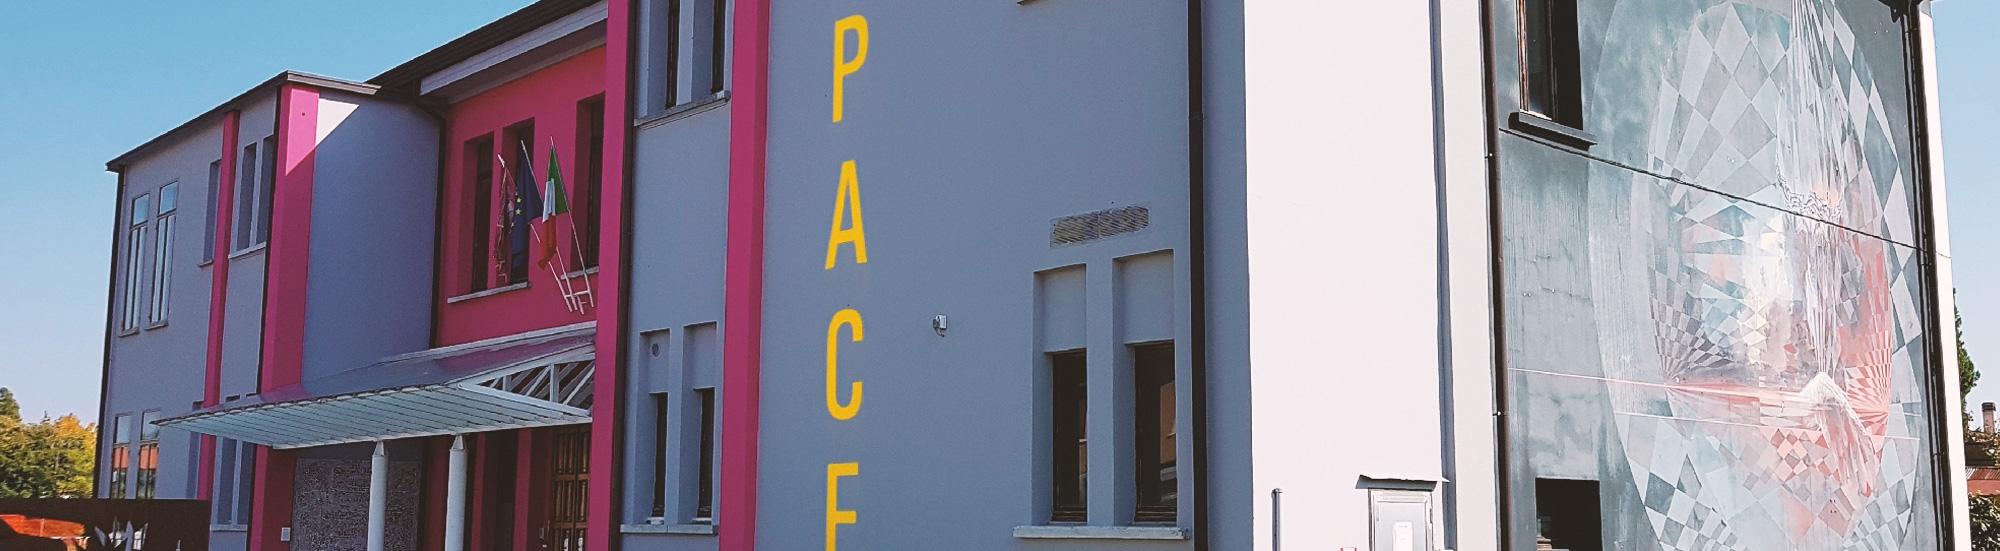 Immagine Visita guidata allo Space Mazzini